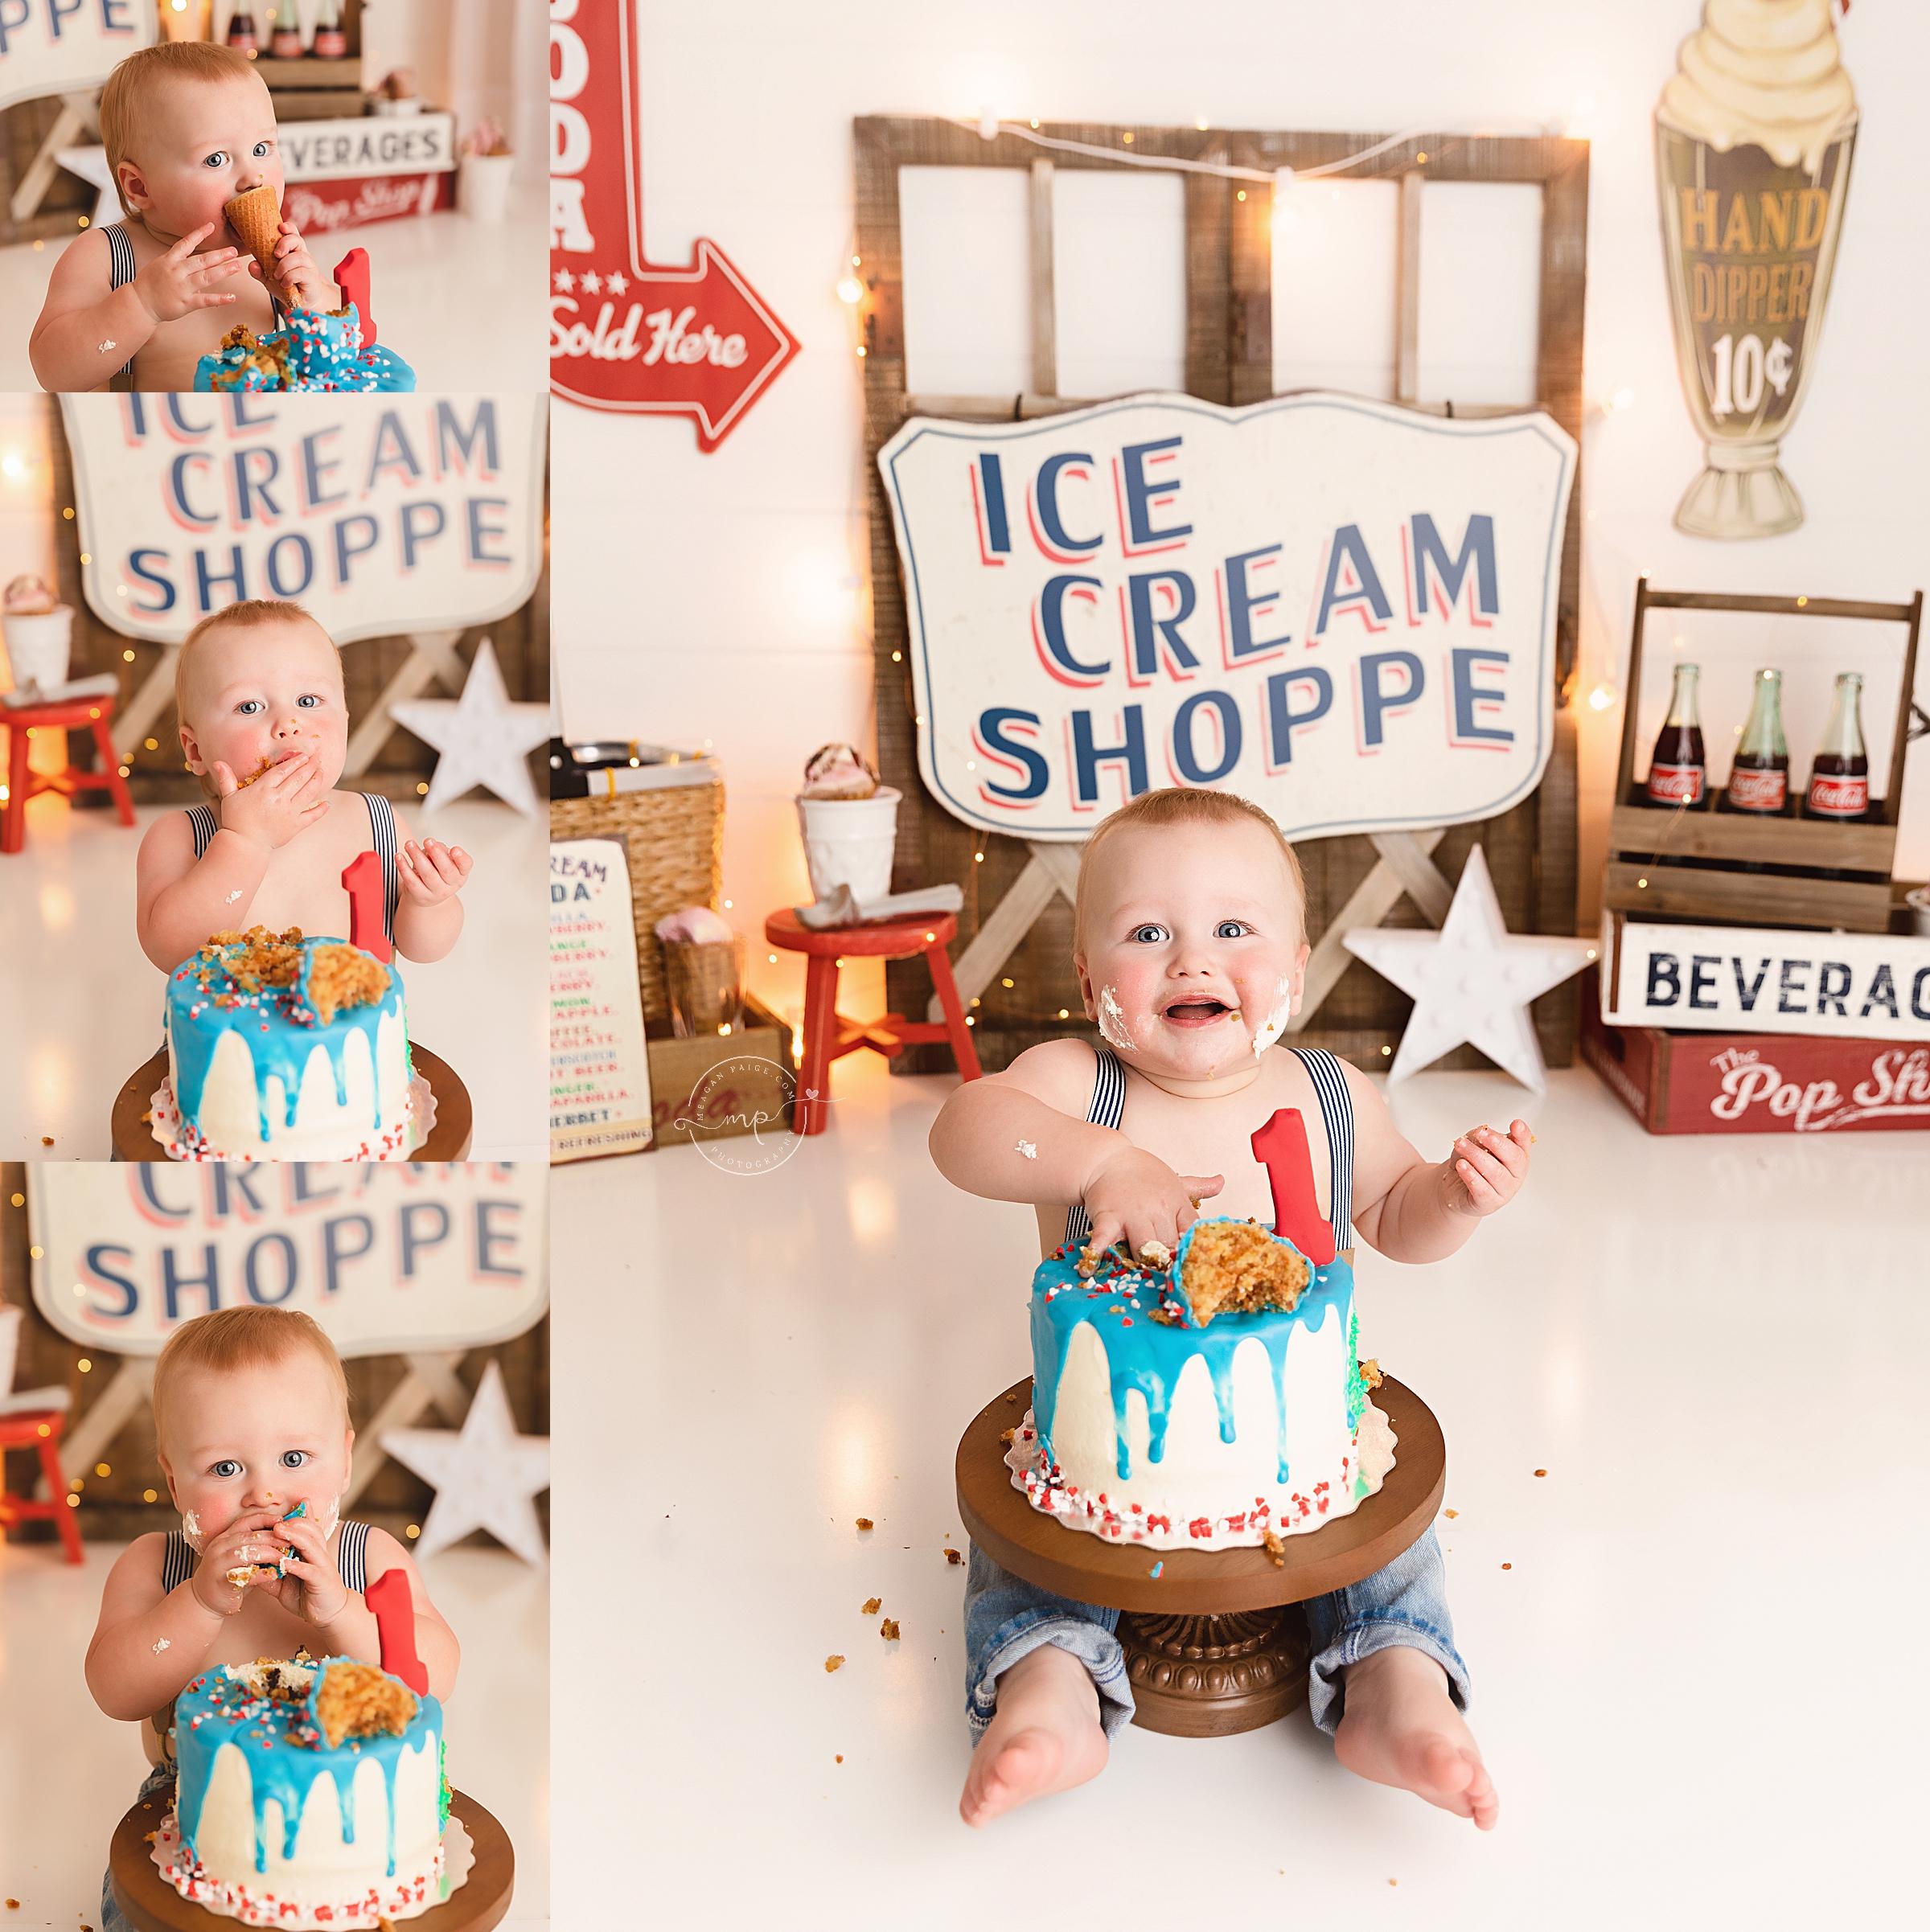 Ice Cream Shoppe Cake Smash - Calgary Child Photographer - Meagan Paige Photography